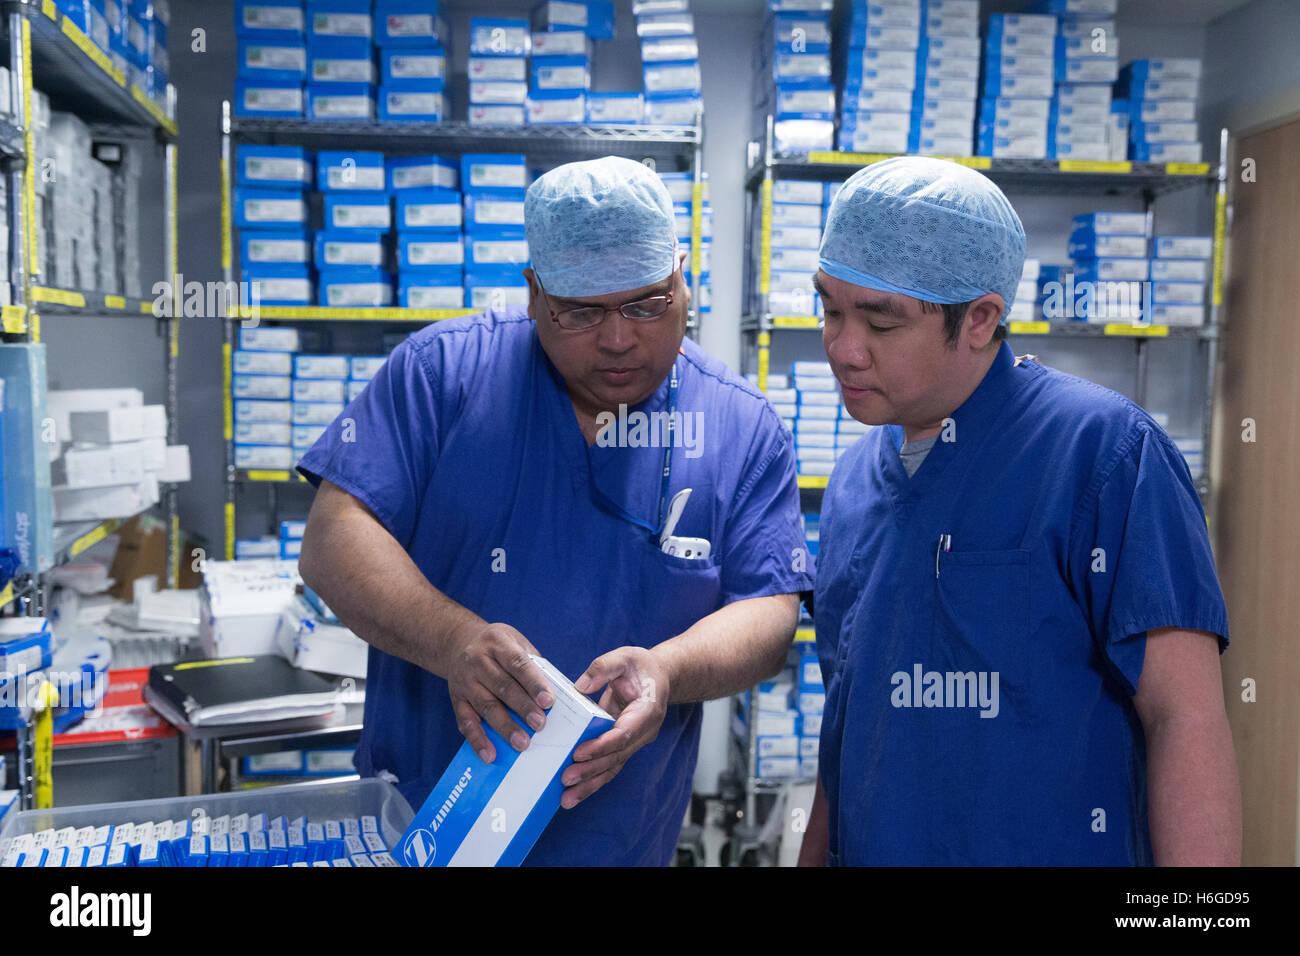 Zwei Krankenschwestern in Scrubs überprüfen medizinischen Geräten im Krankenhaus Abstellraum einschließlich Stockbild